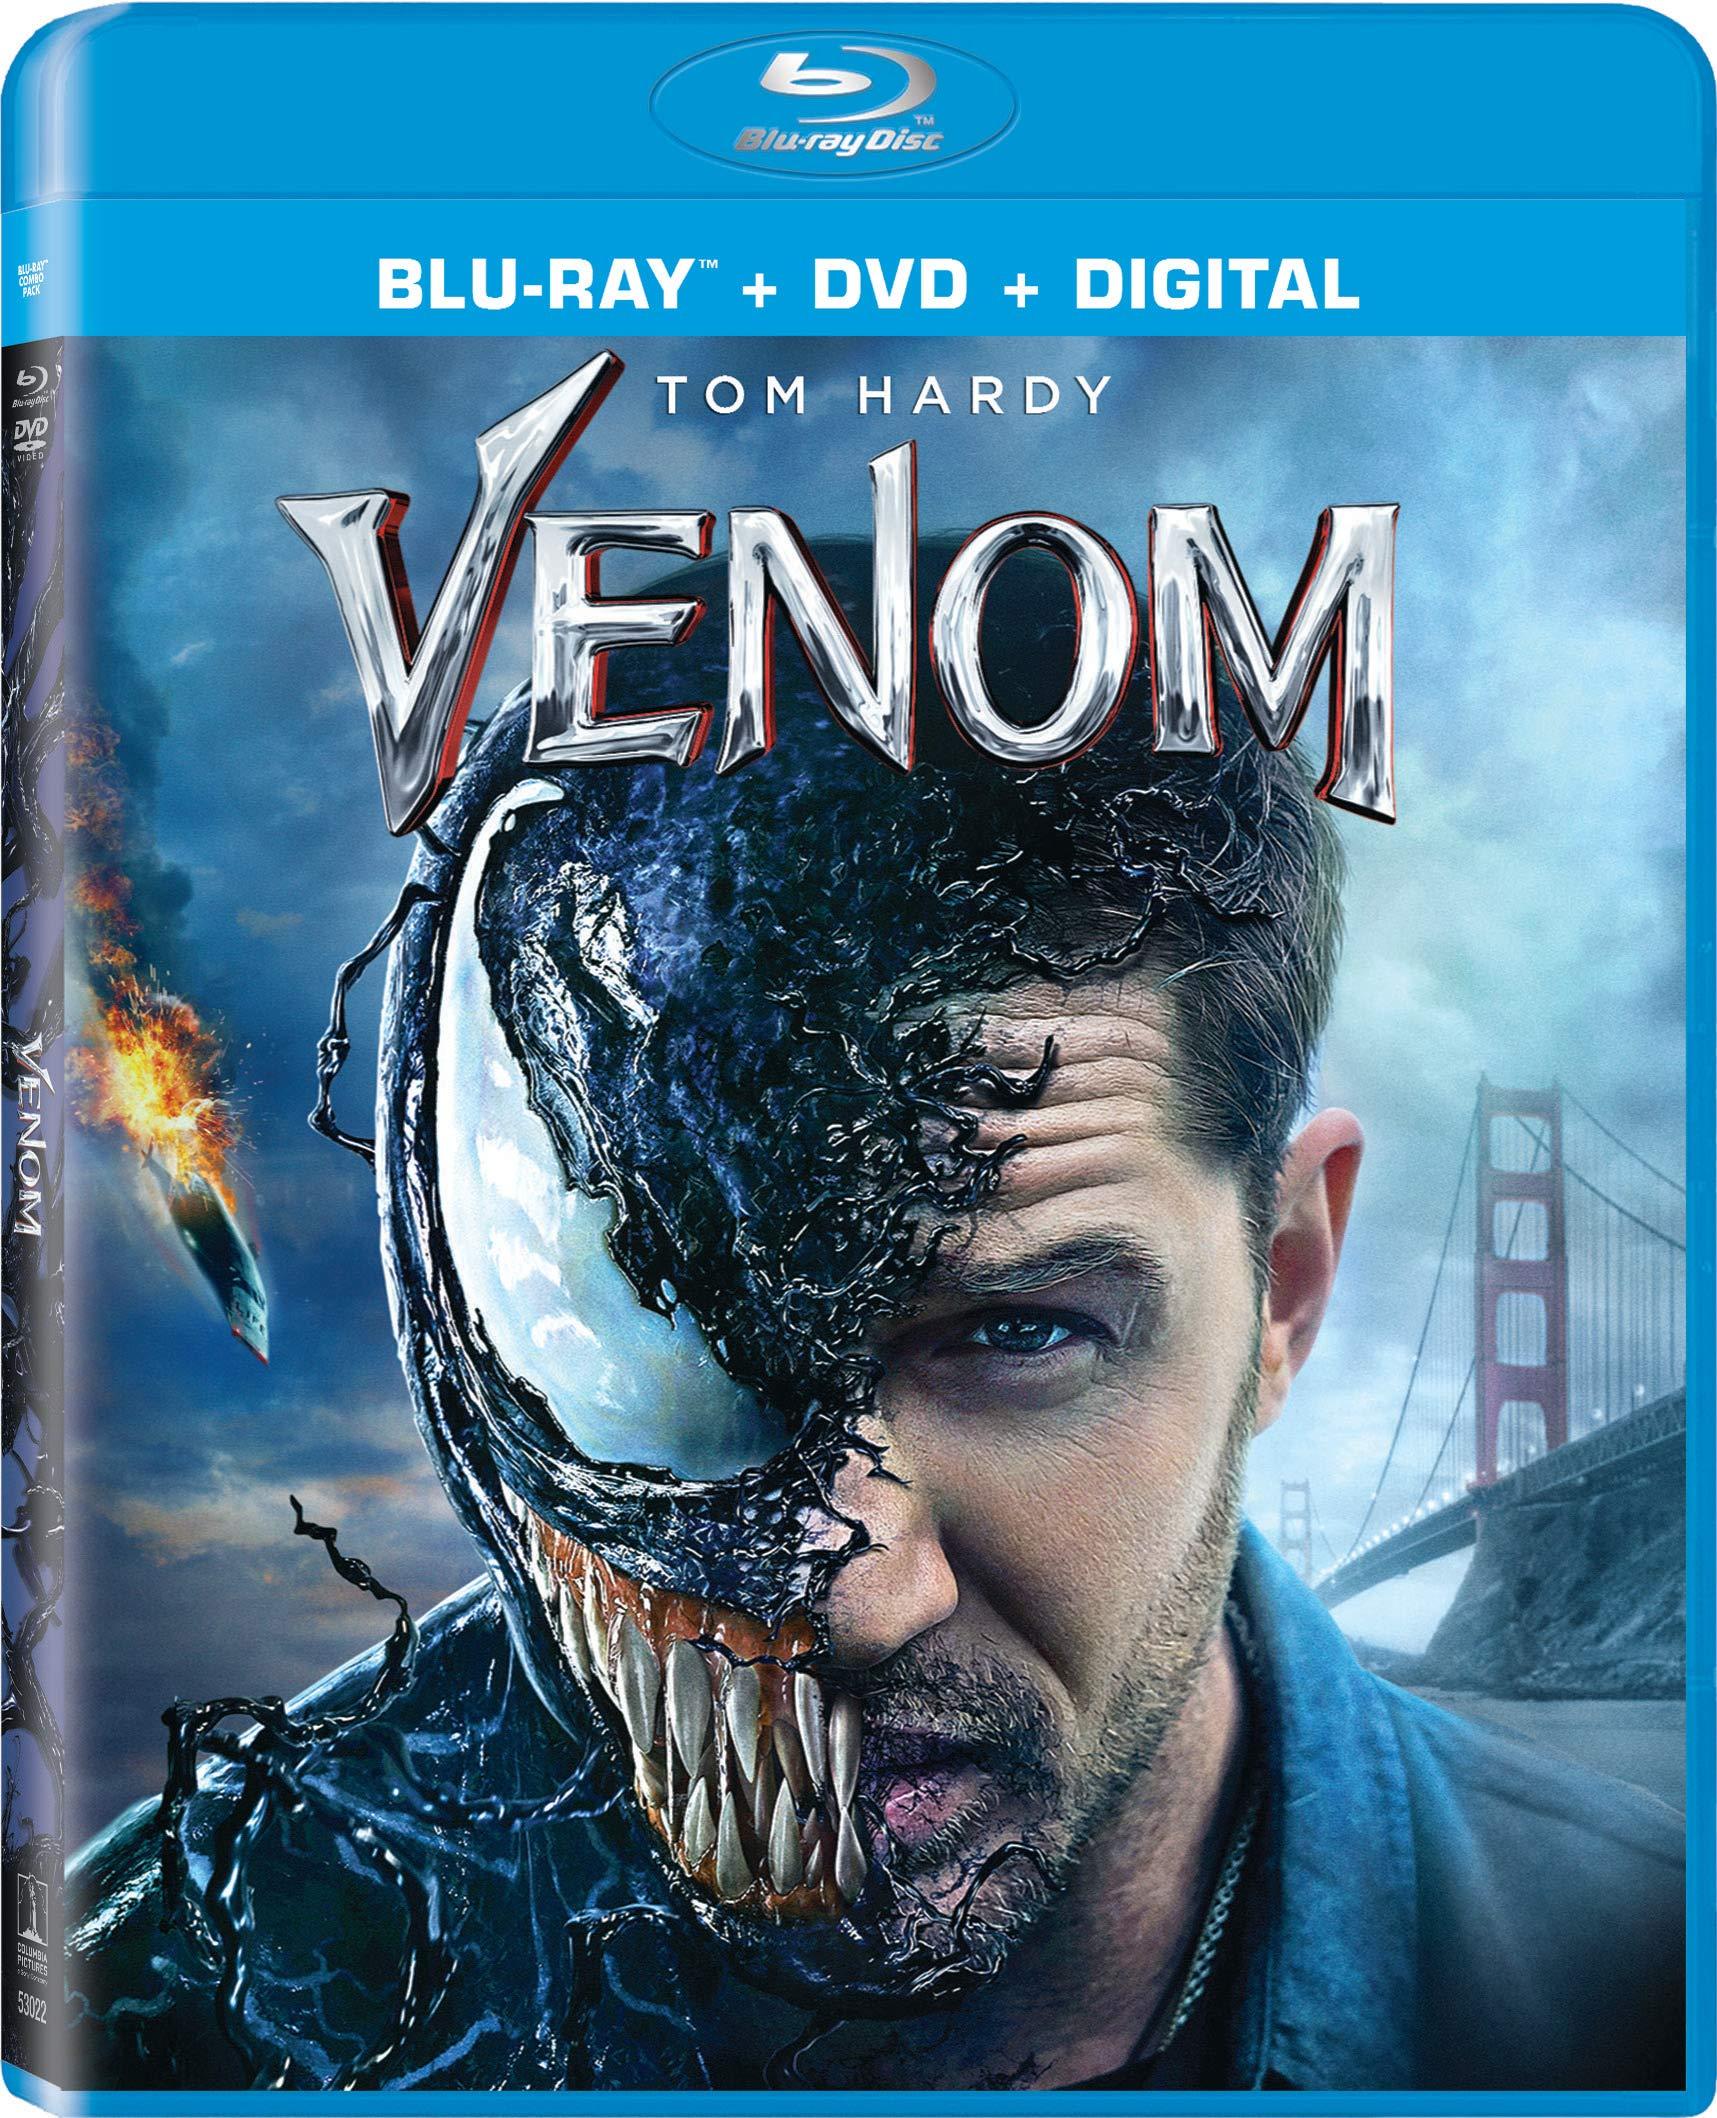 Blu-ray : Venom (With DVD, 2 Pack, Digital Copy)